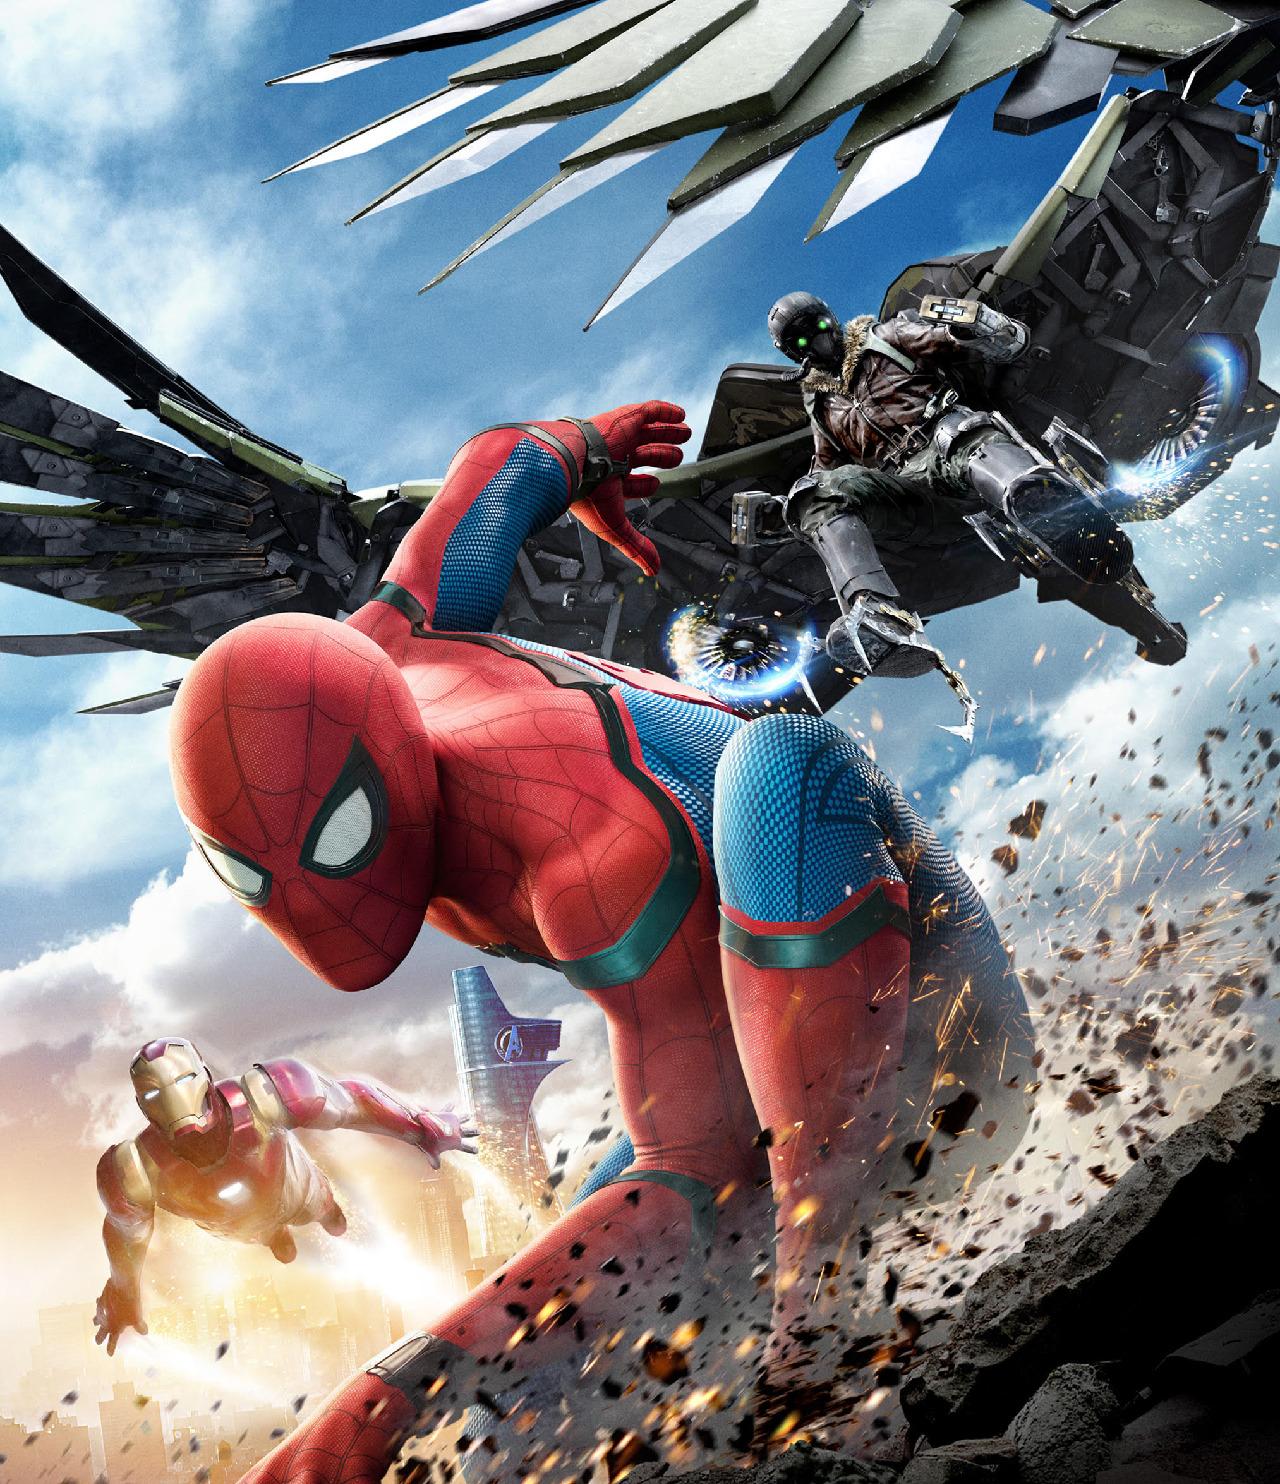 buitre enemigos spider-man películas ranking